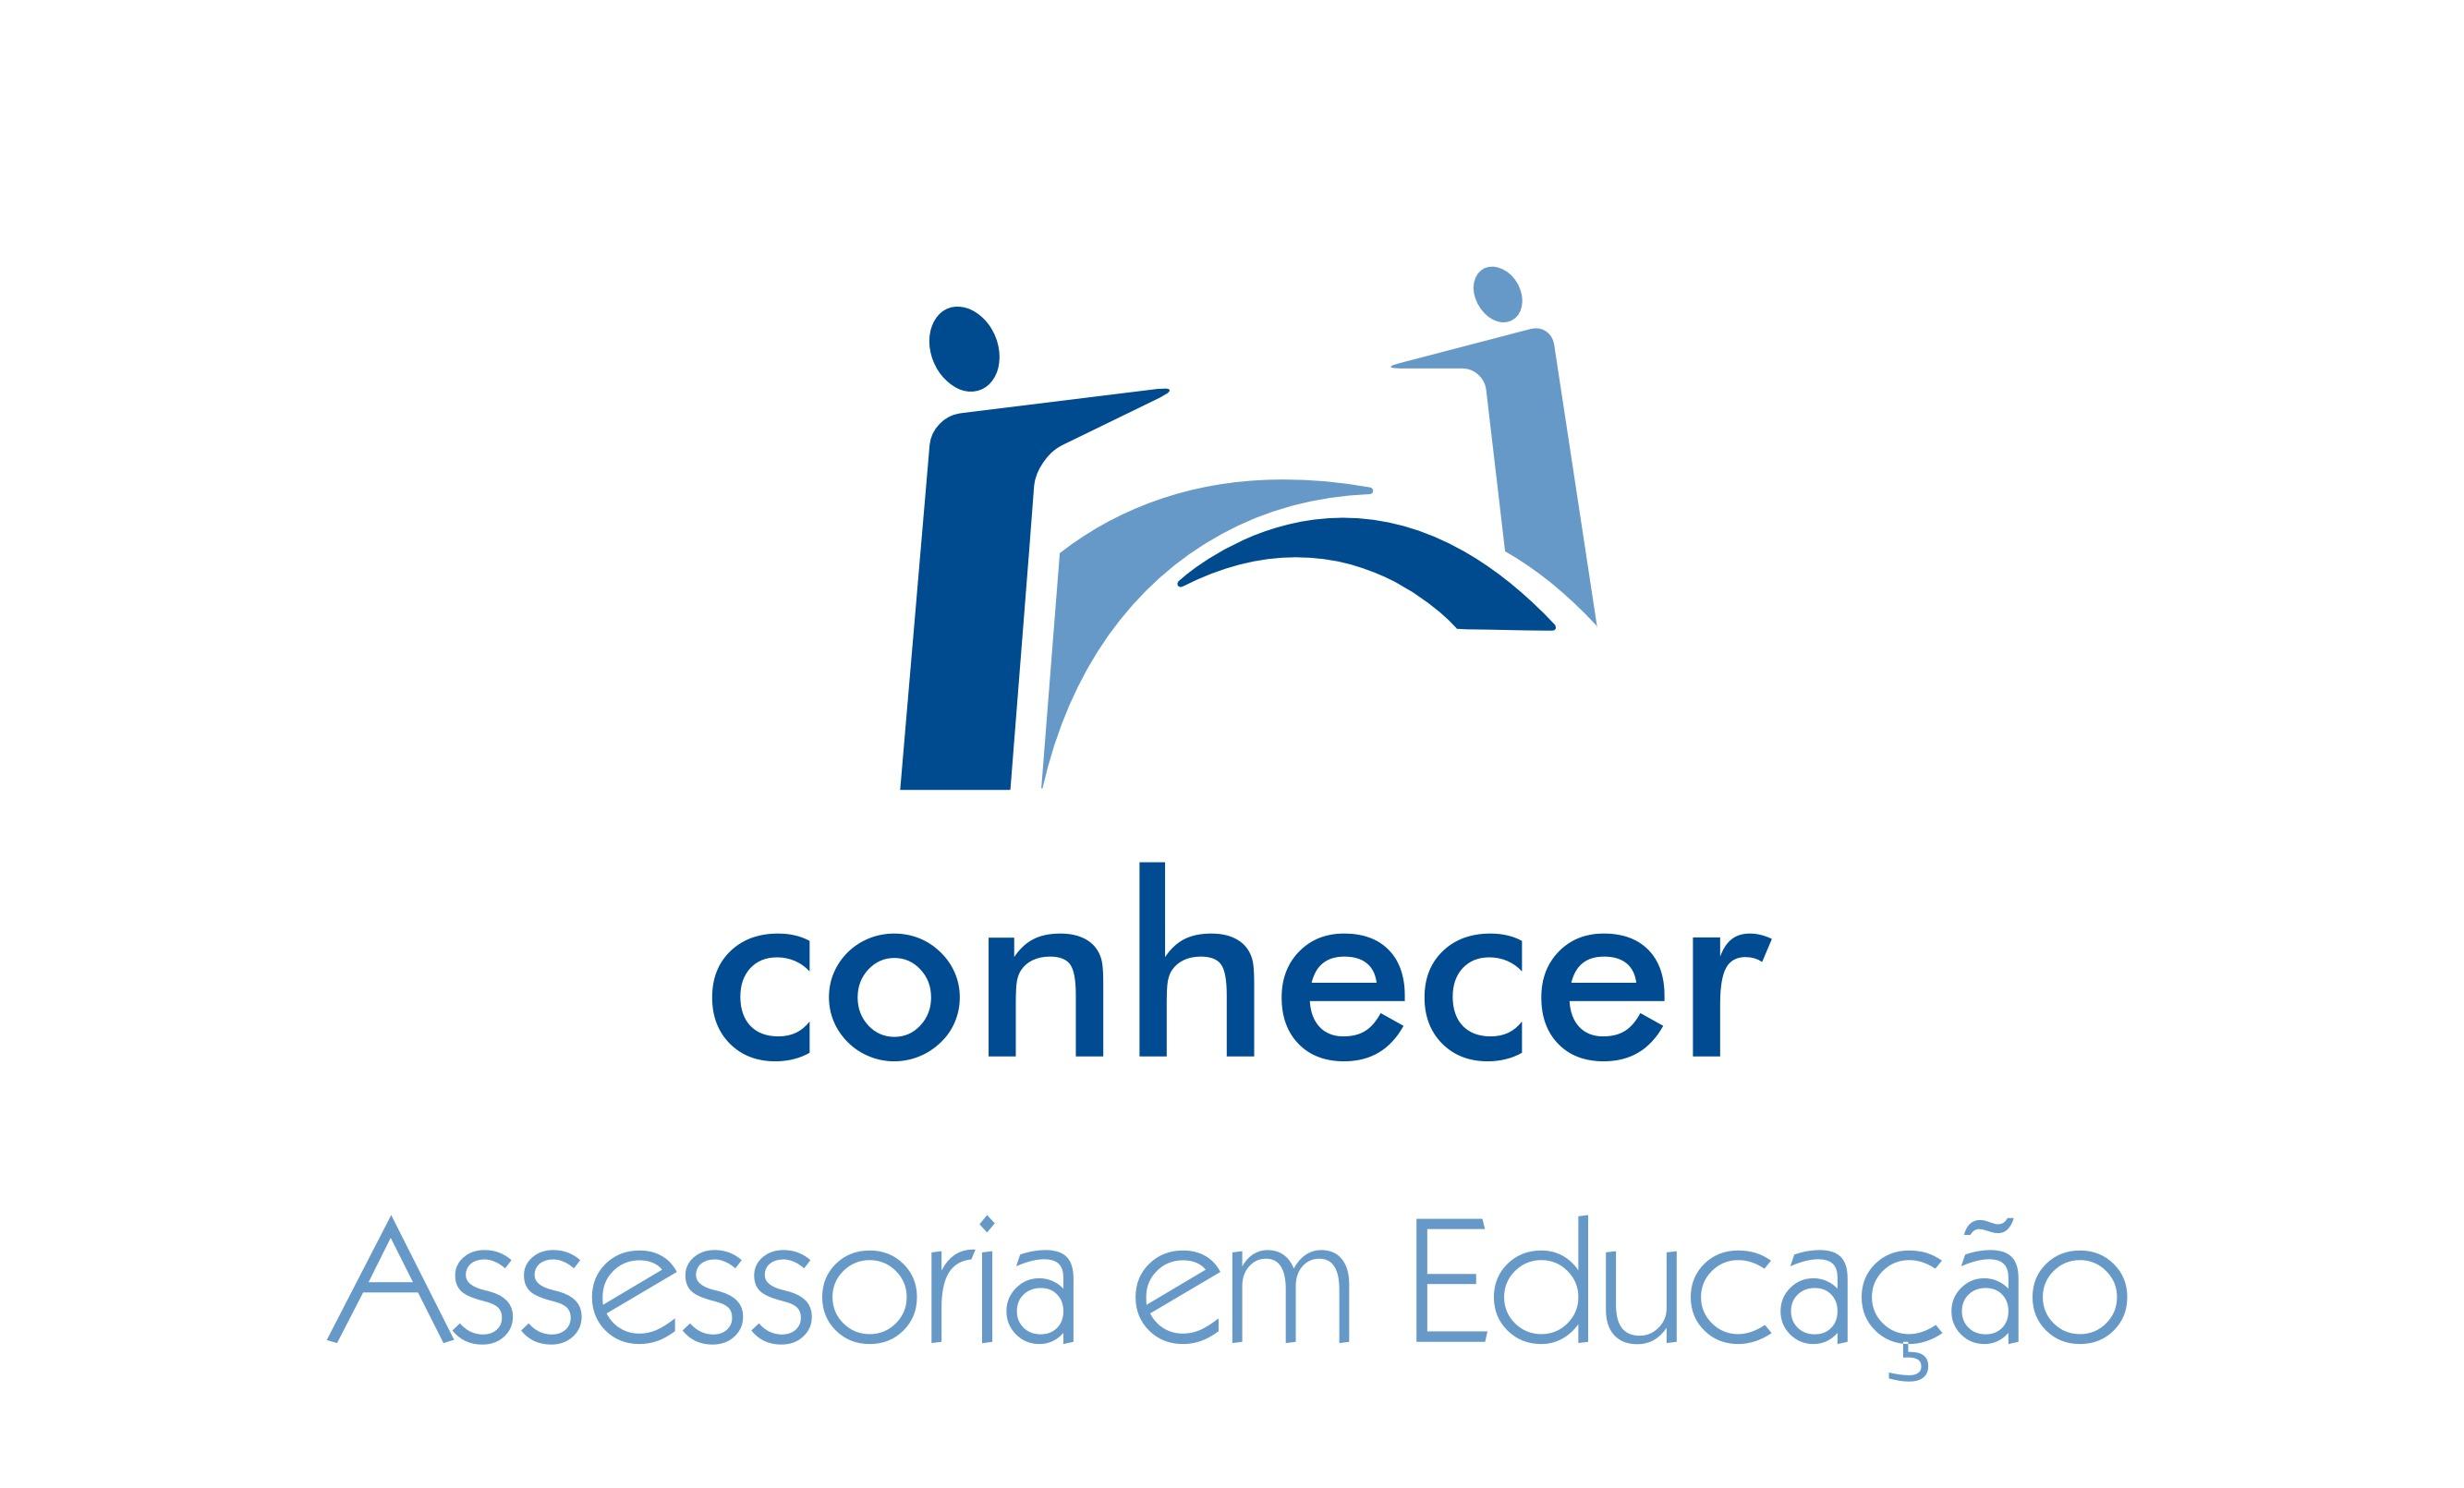 CONHECER ASSESSORIA EM EDUCACAO